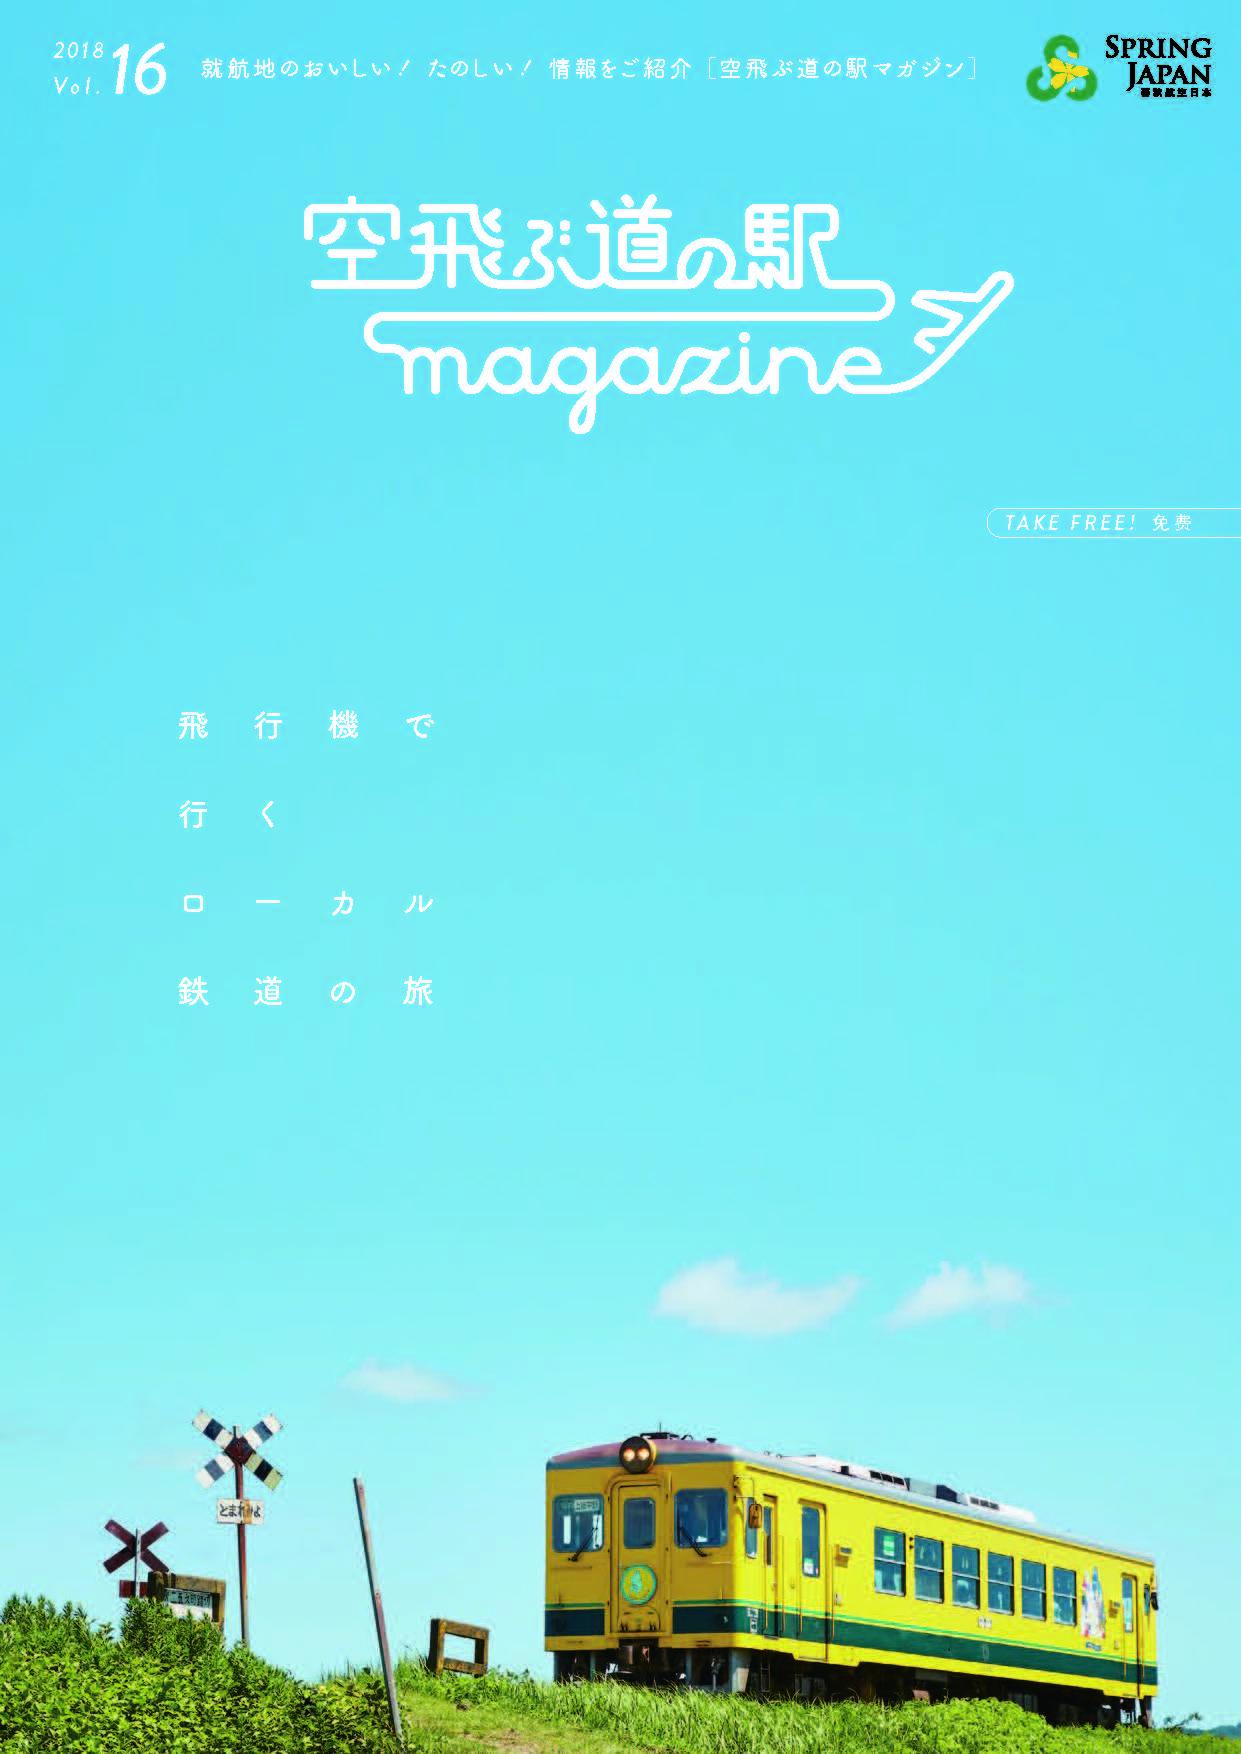 春秋航空日本機内誌 最新見本(10/1発行号)を更新しました!